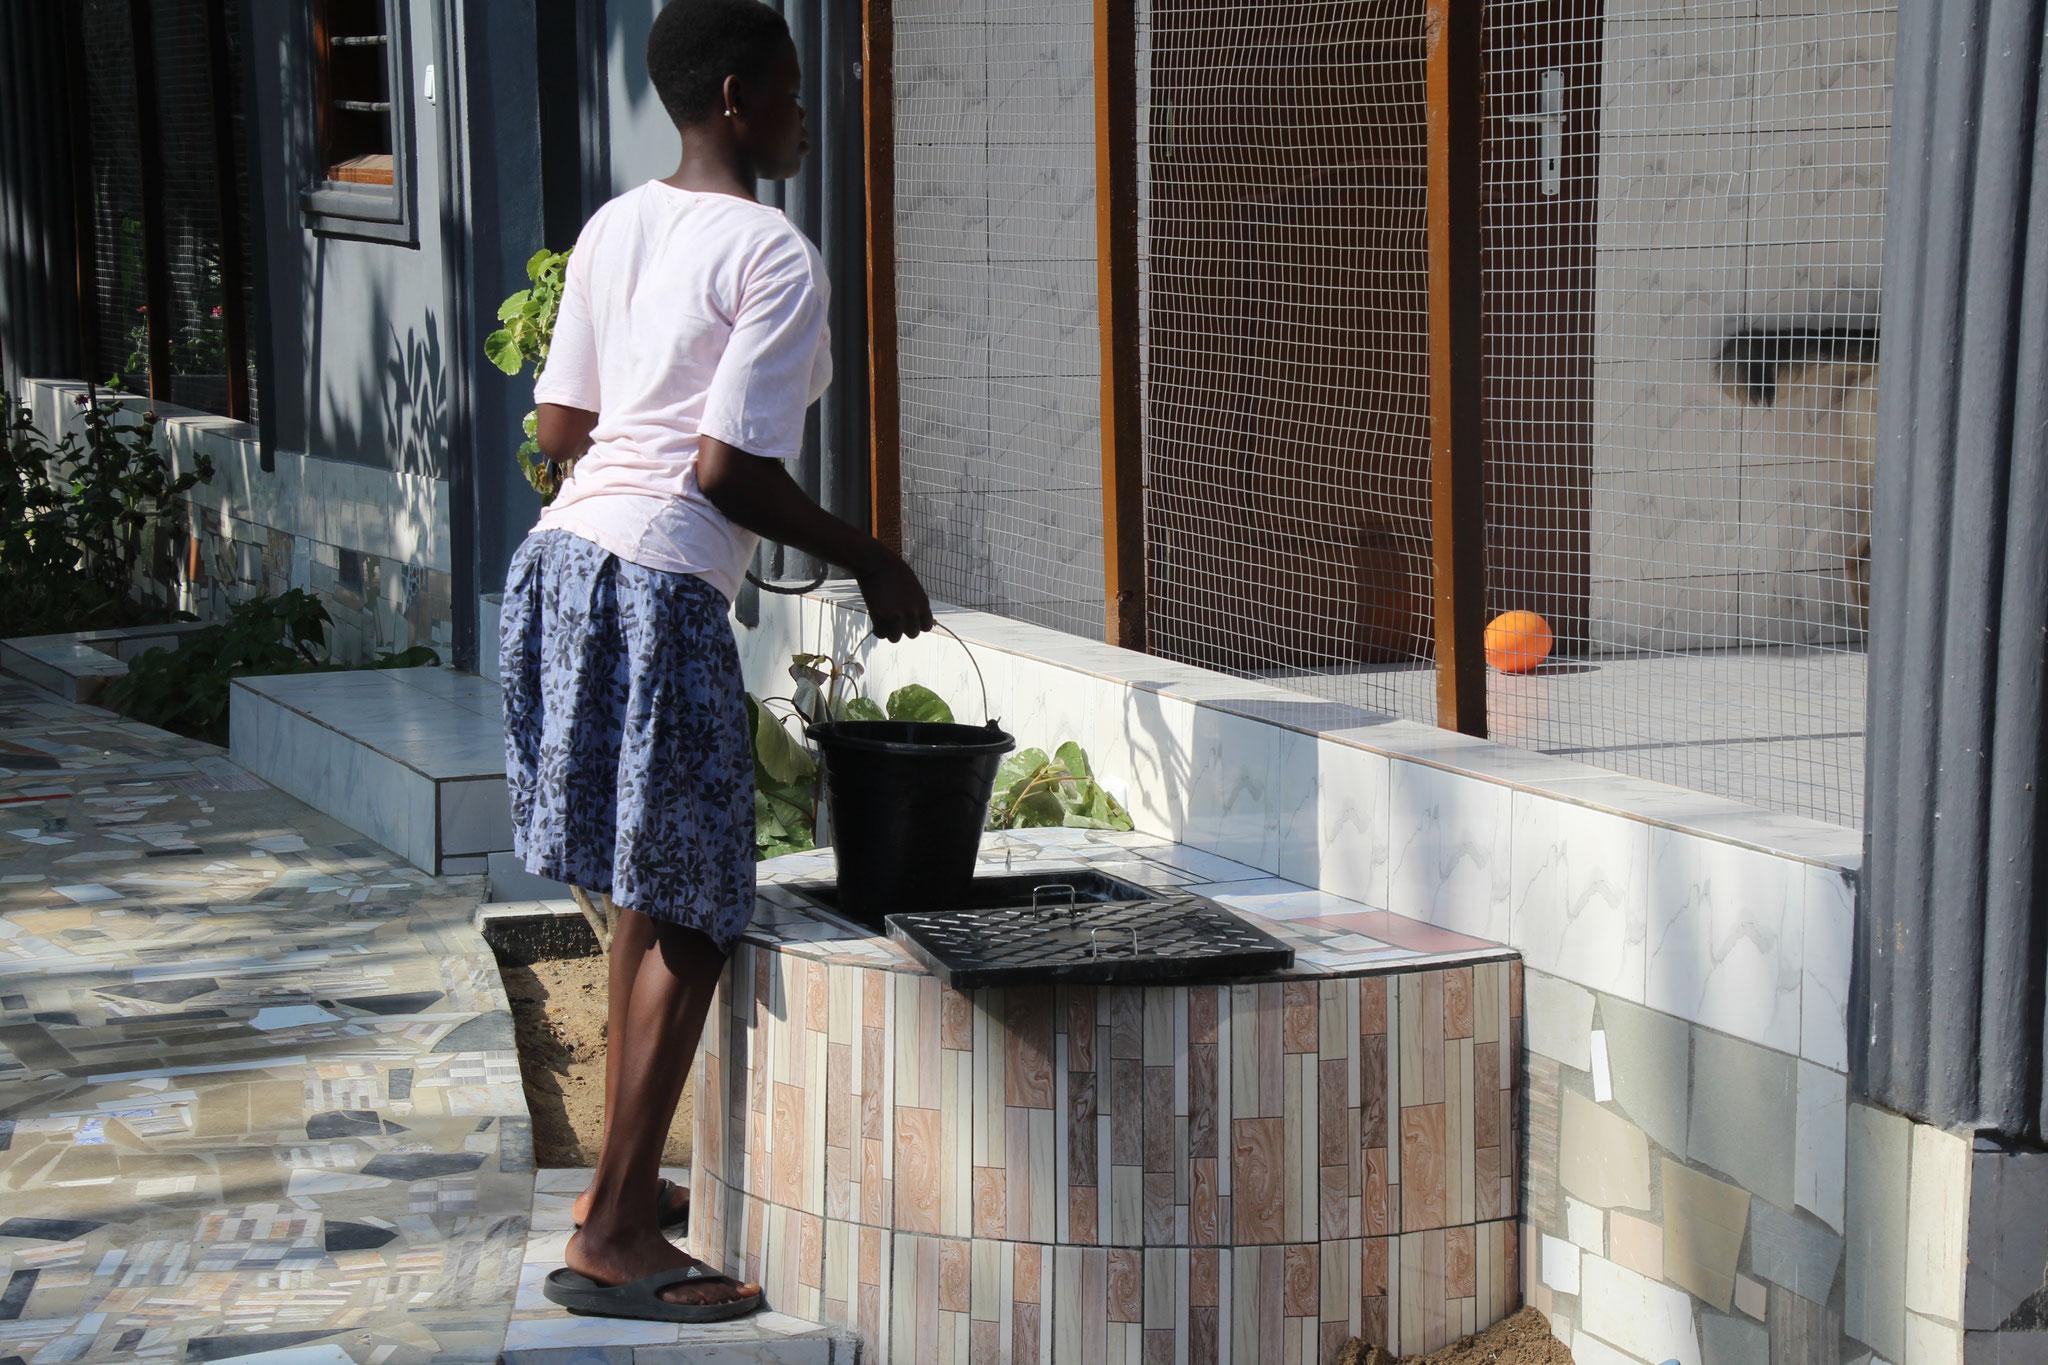 Afi holt Wasser am Brunnen.